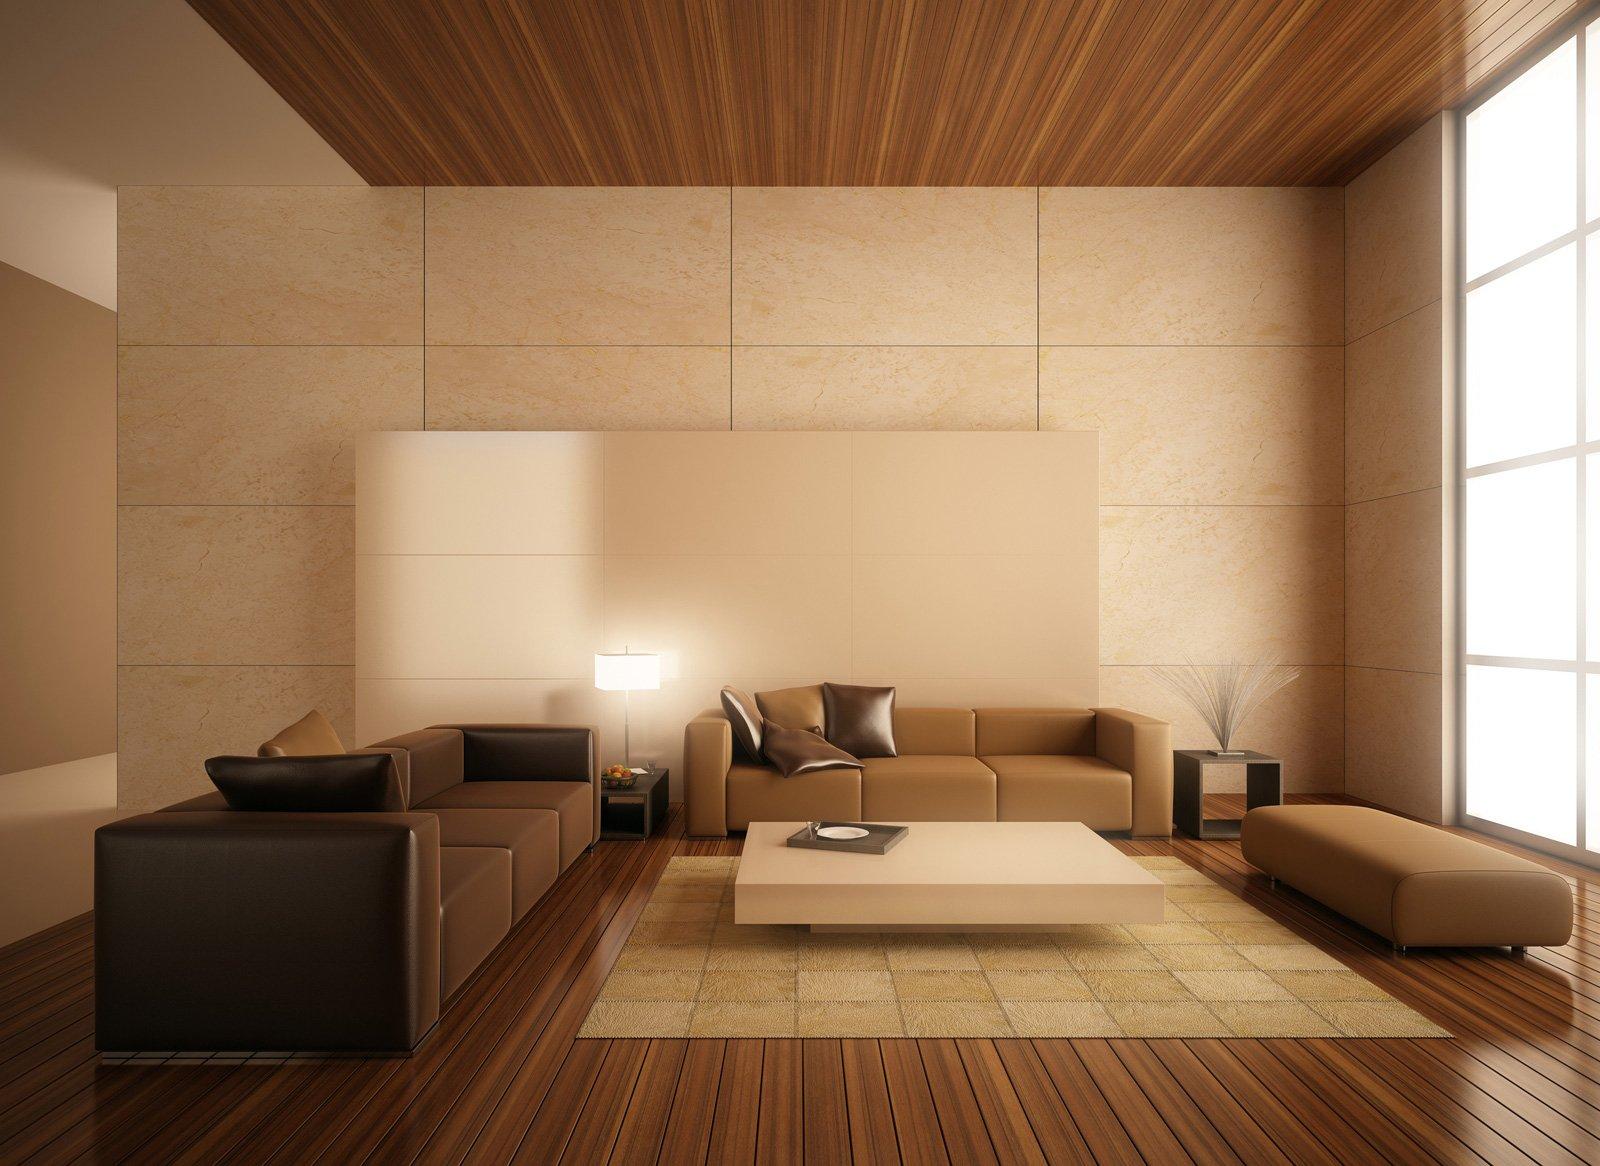 Los techos pueden ser decorativos llorente arquitectura - Techos decorativos de madera ...